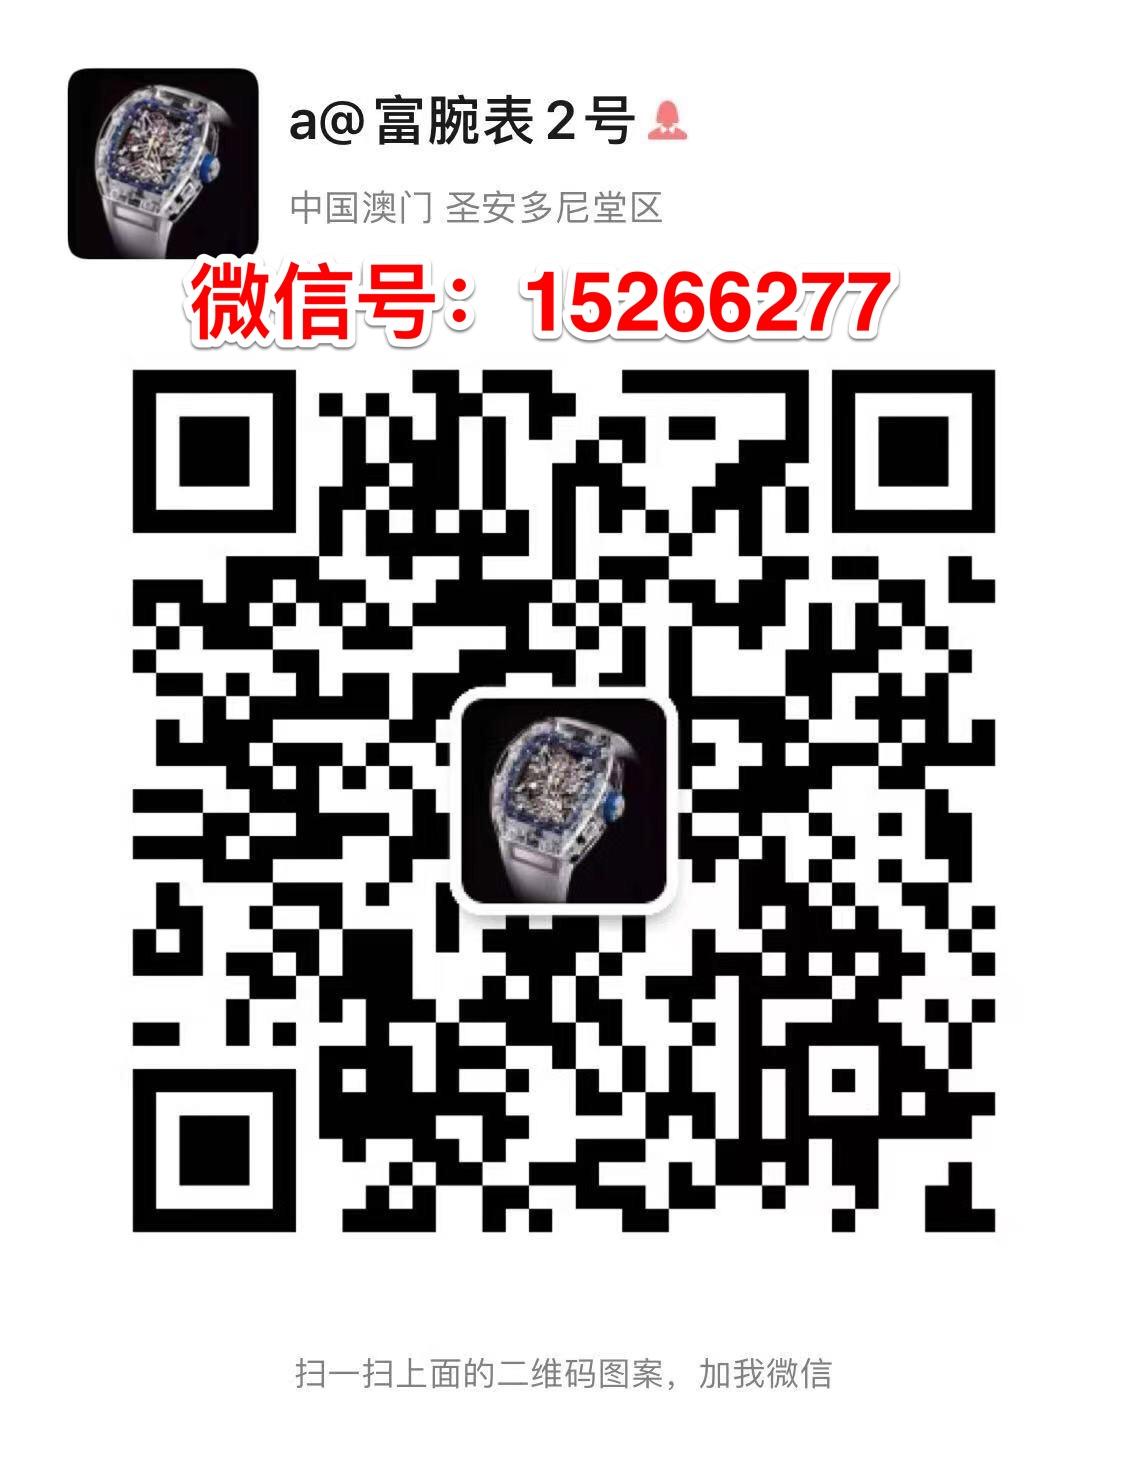 1631889667669981.jpg